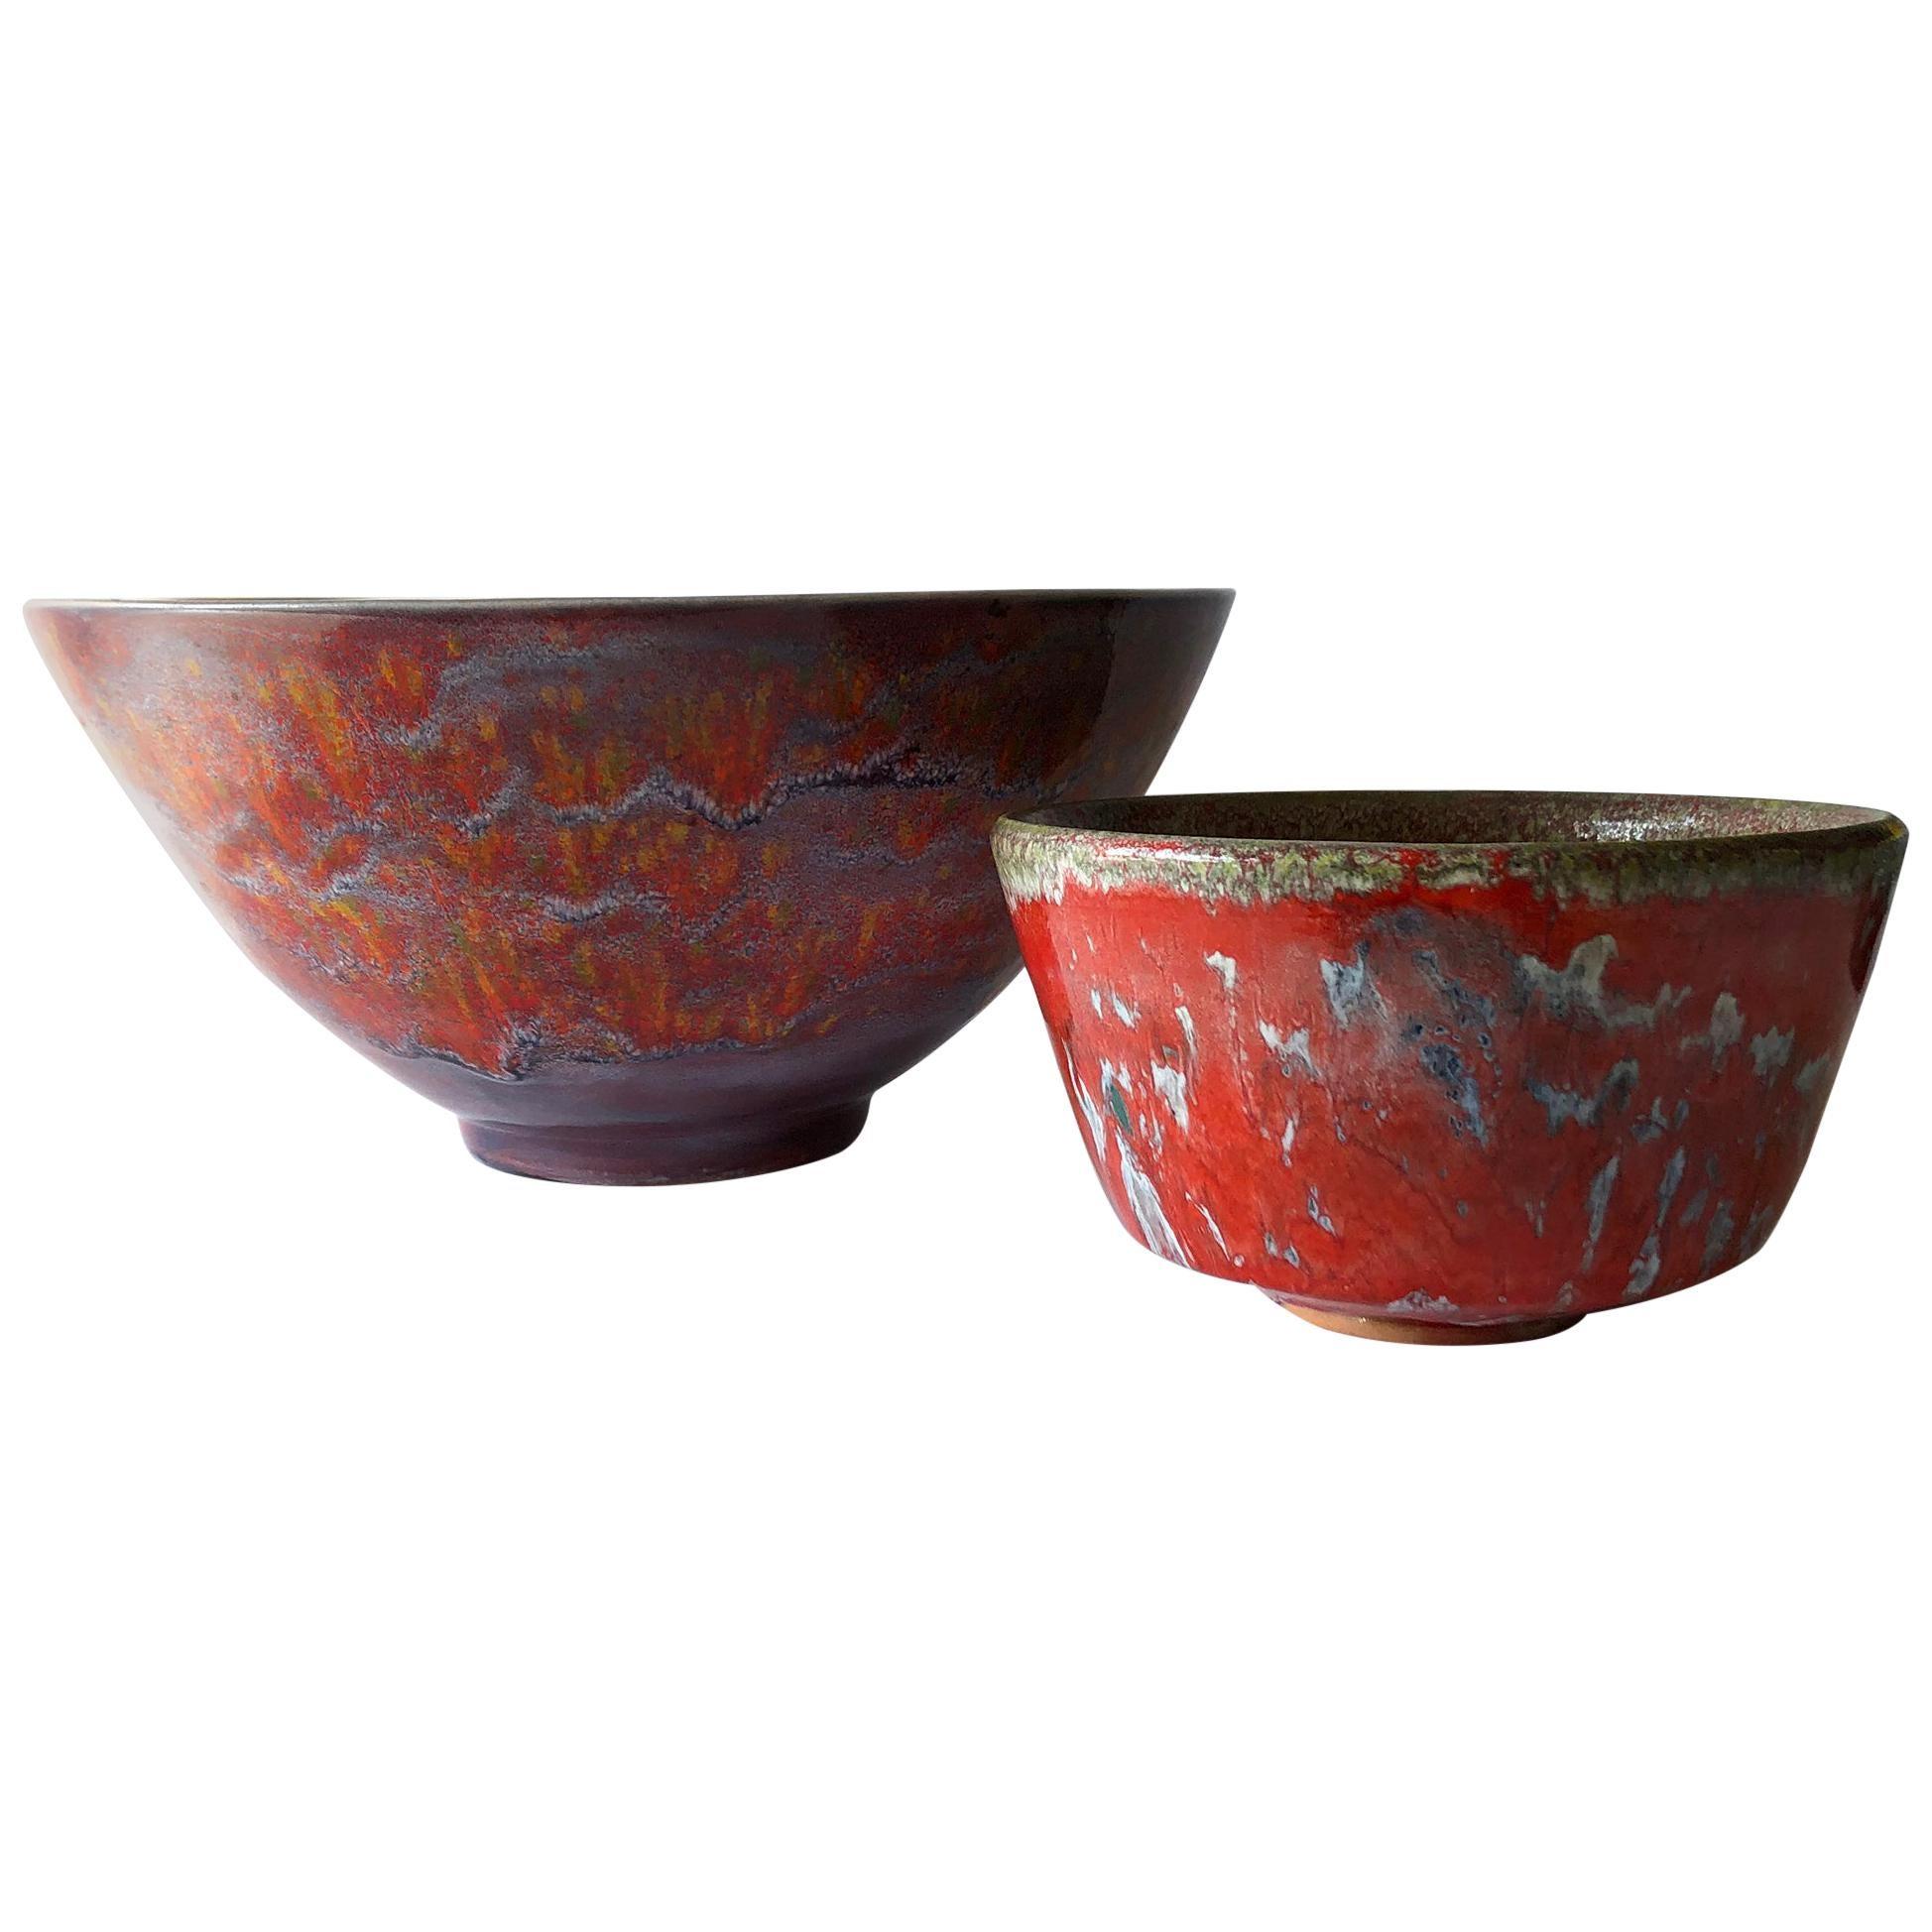 William Polia Pillin California Studio Pair of Colorful Ceramic Bowls